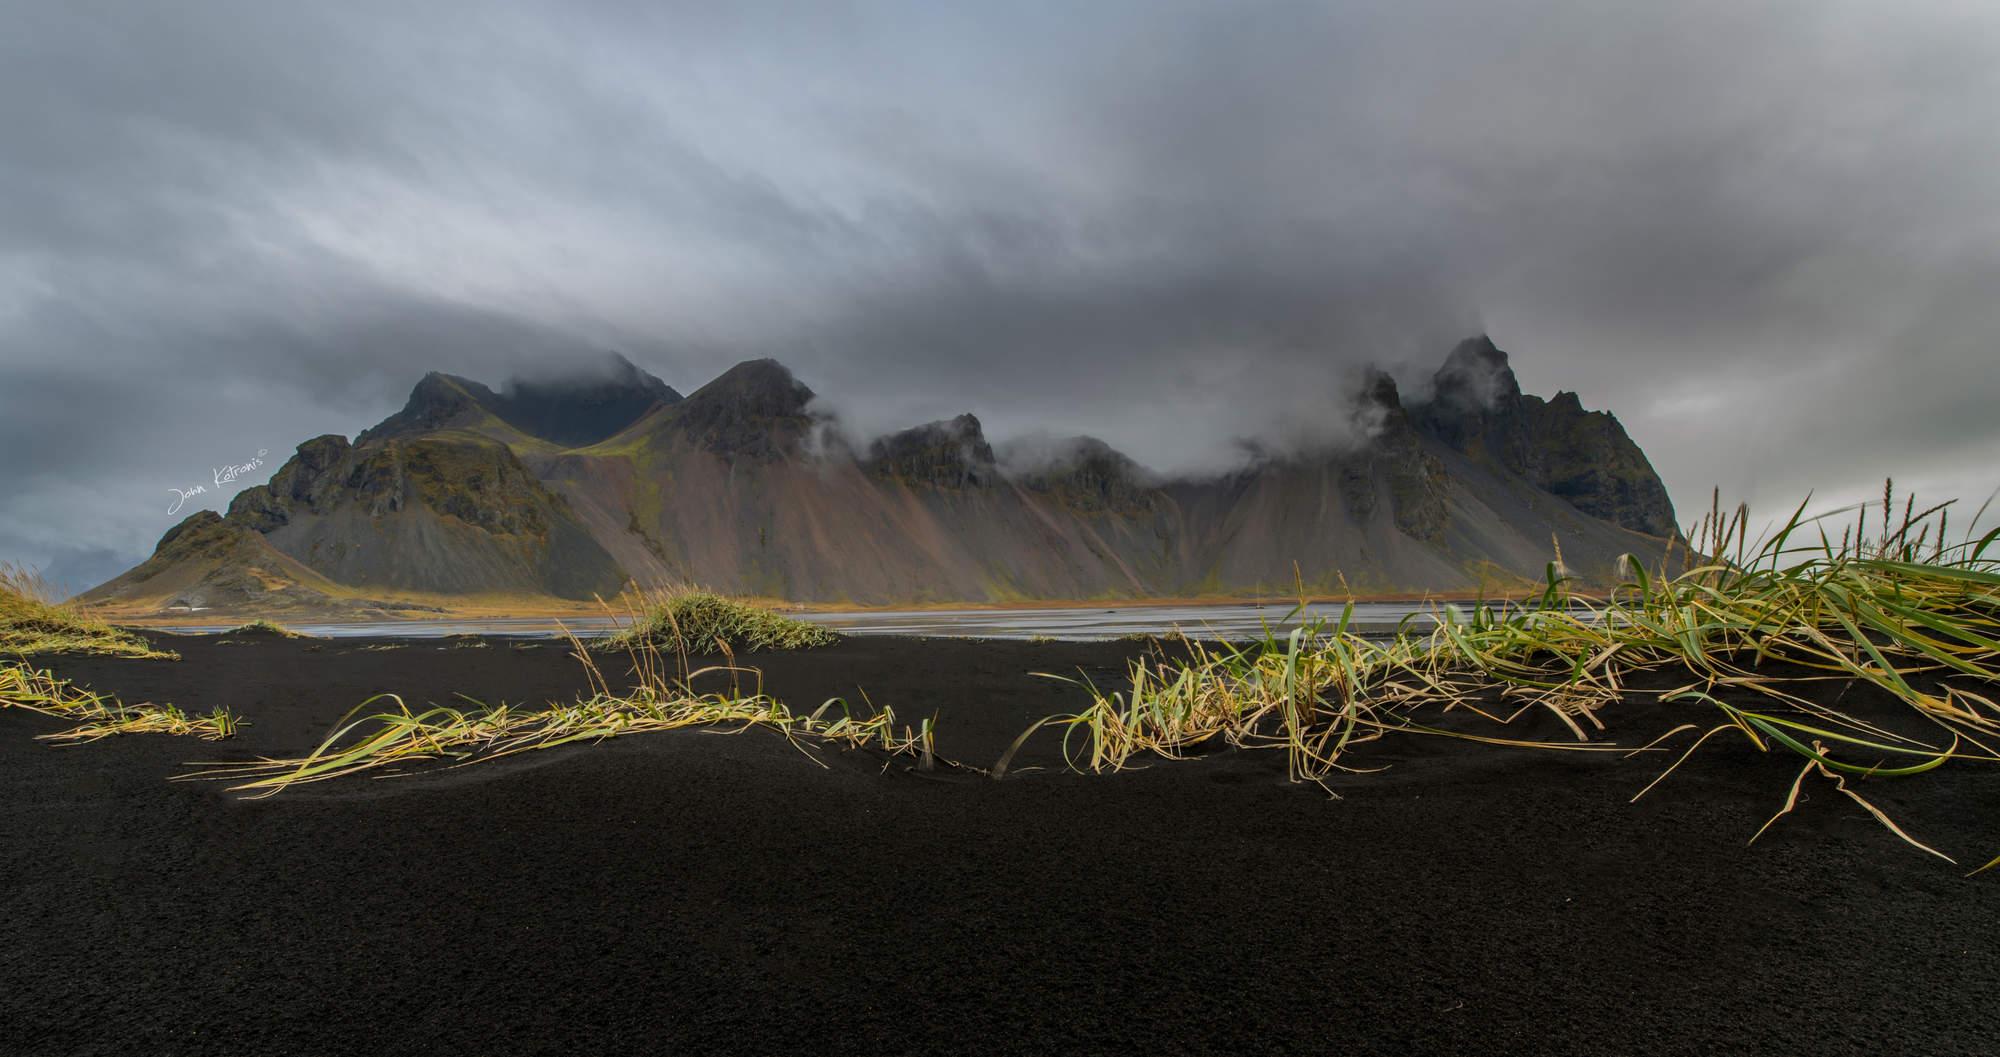 stock-photo-vesturhorn-mountain-iceland-